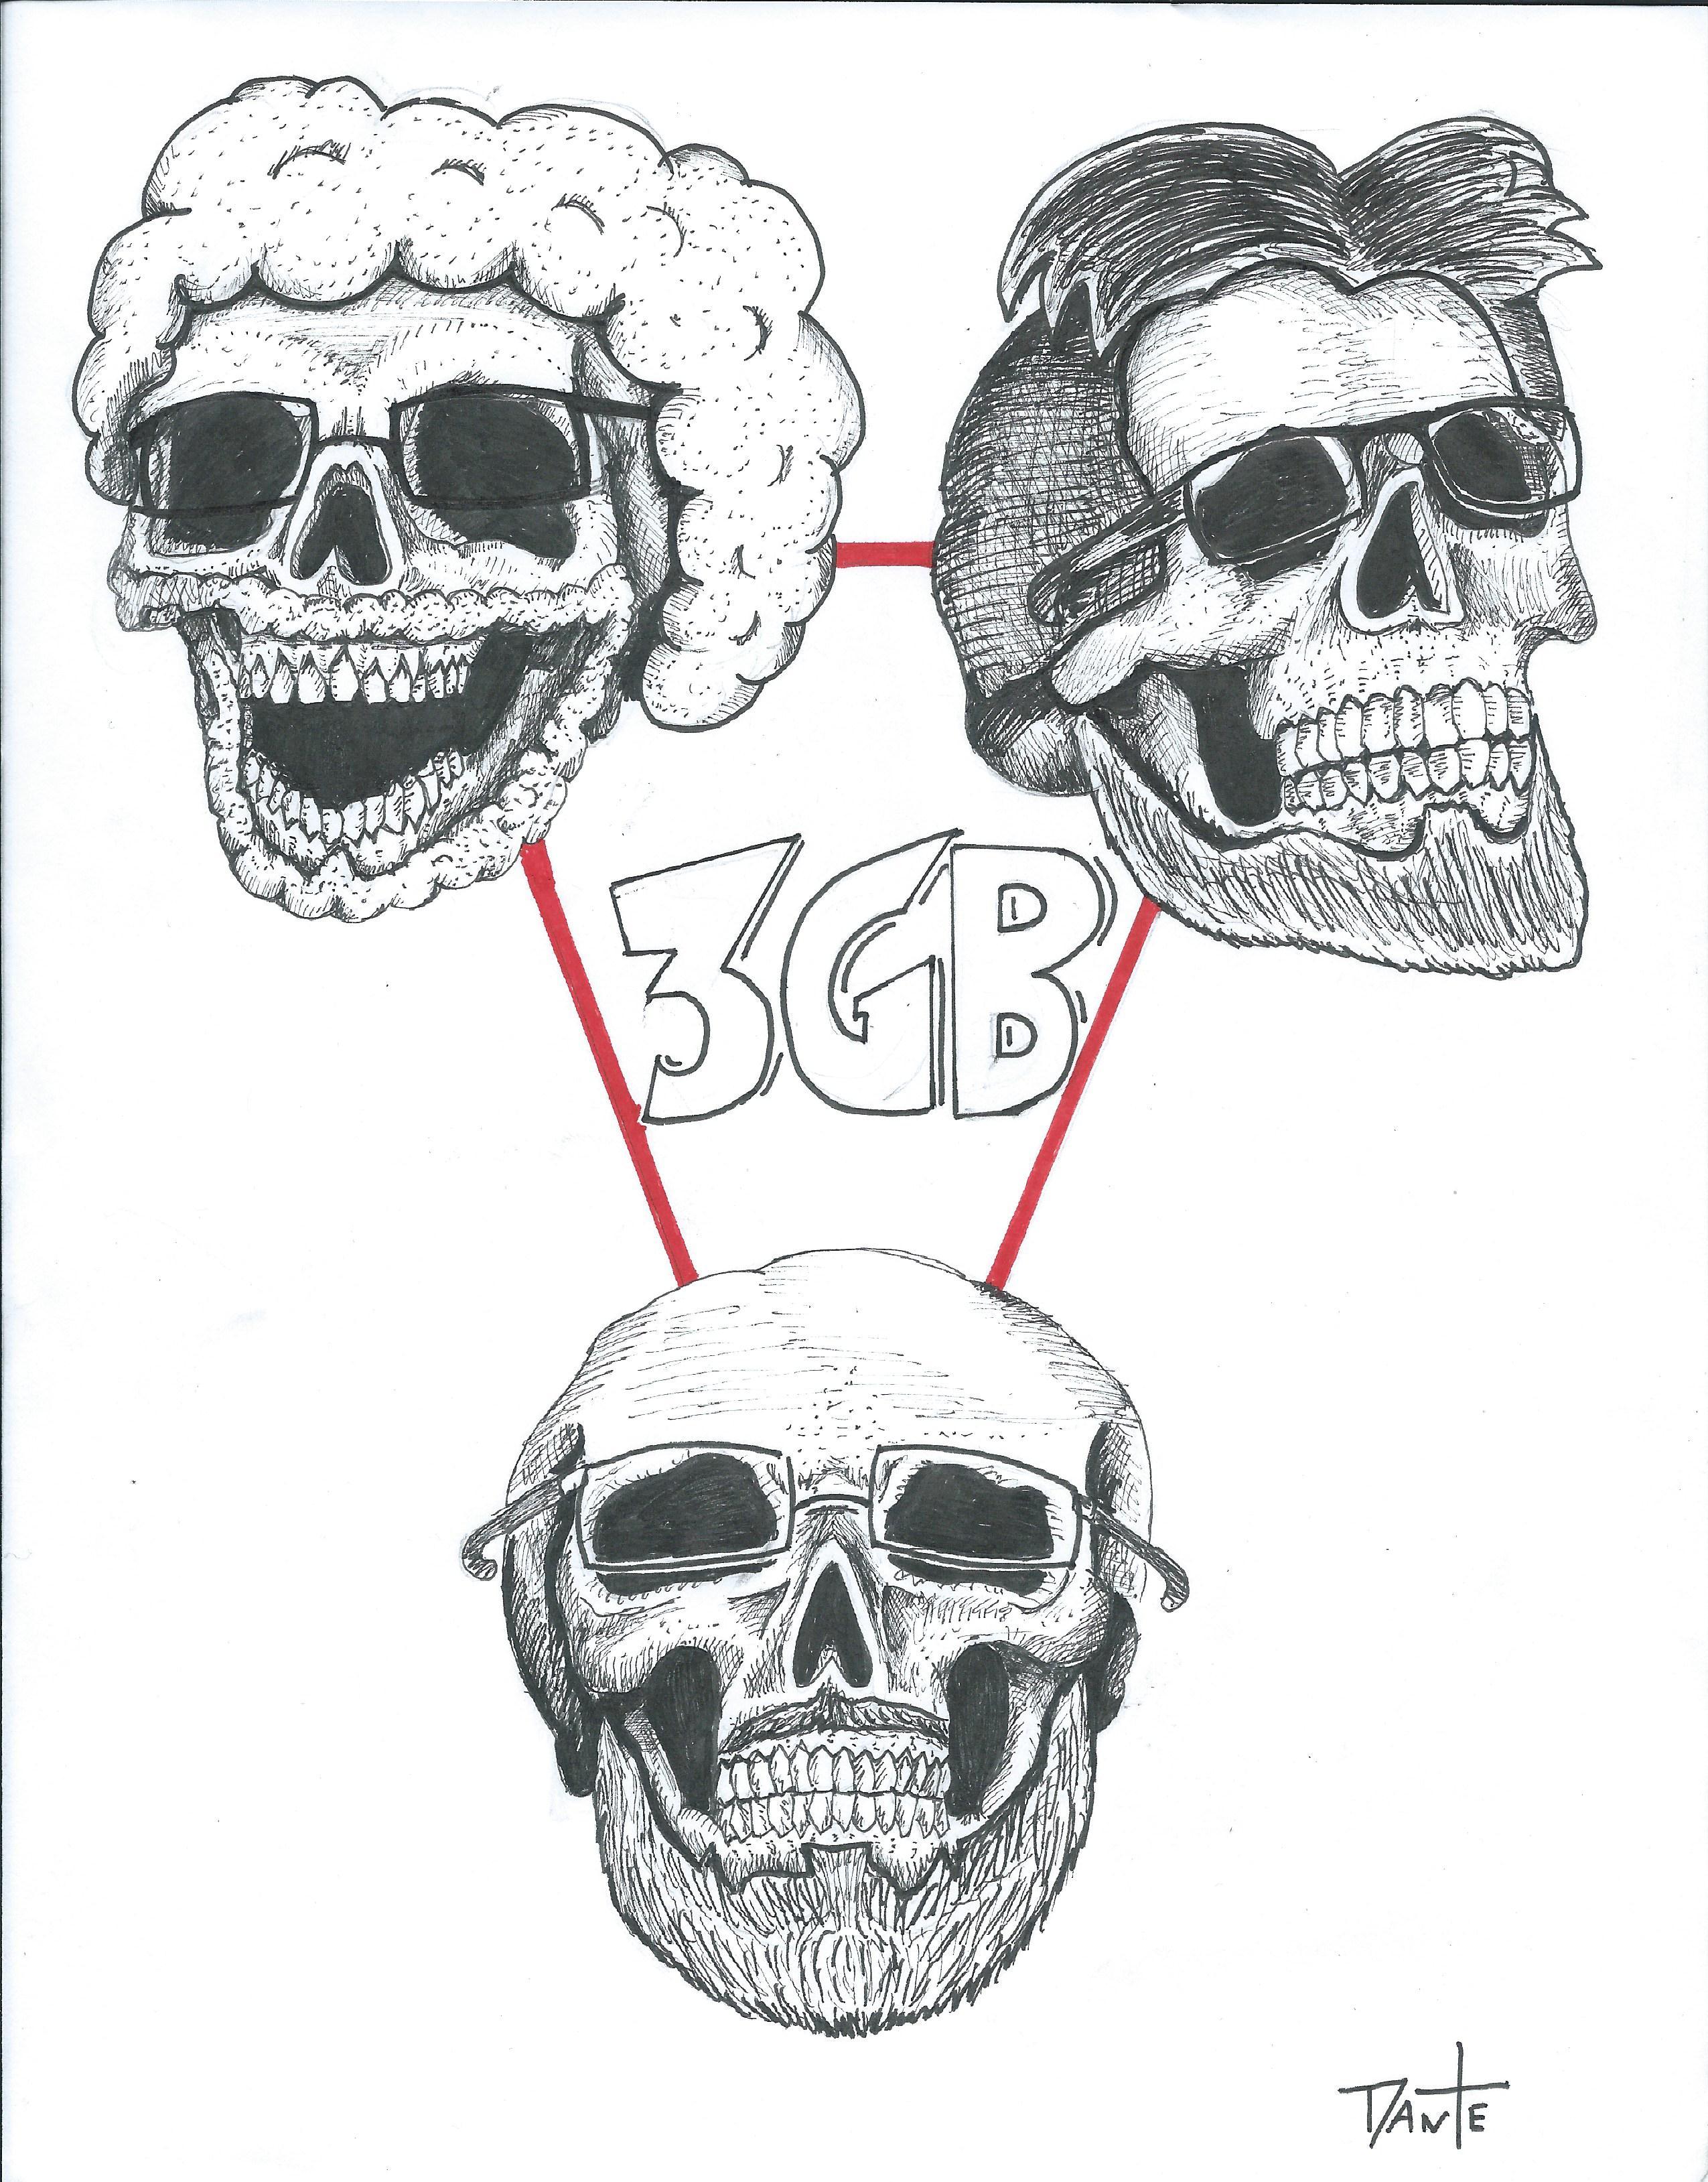 3GB » Harto Fanarto #8